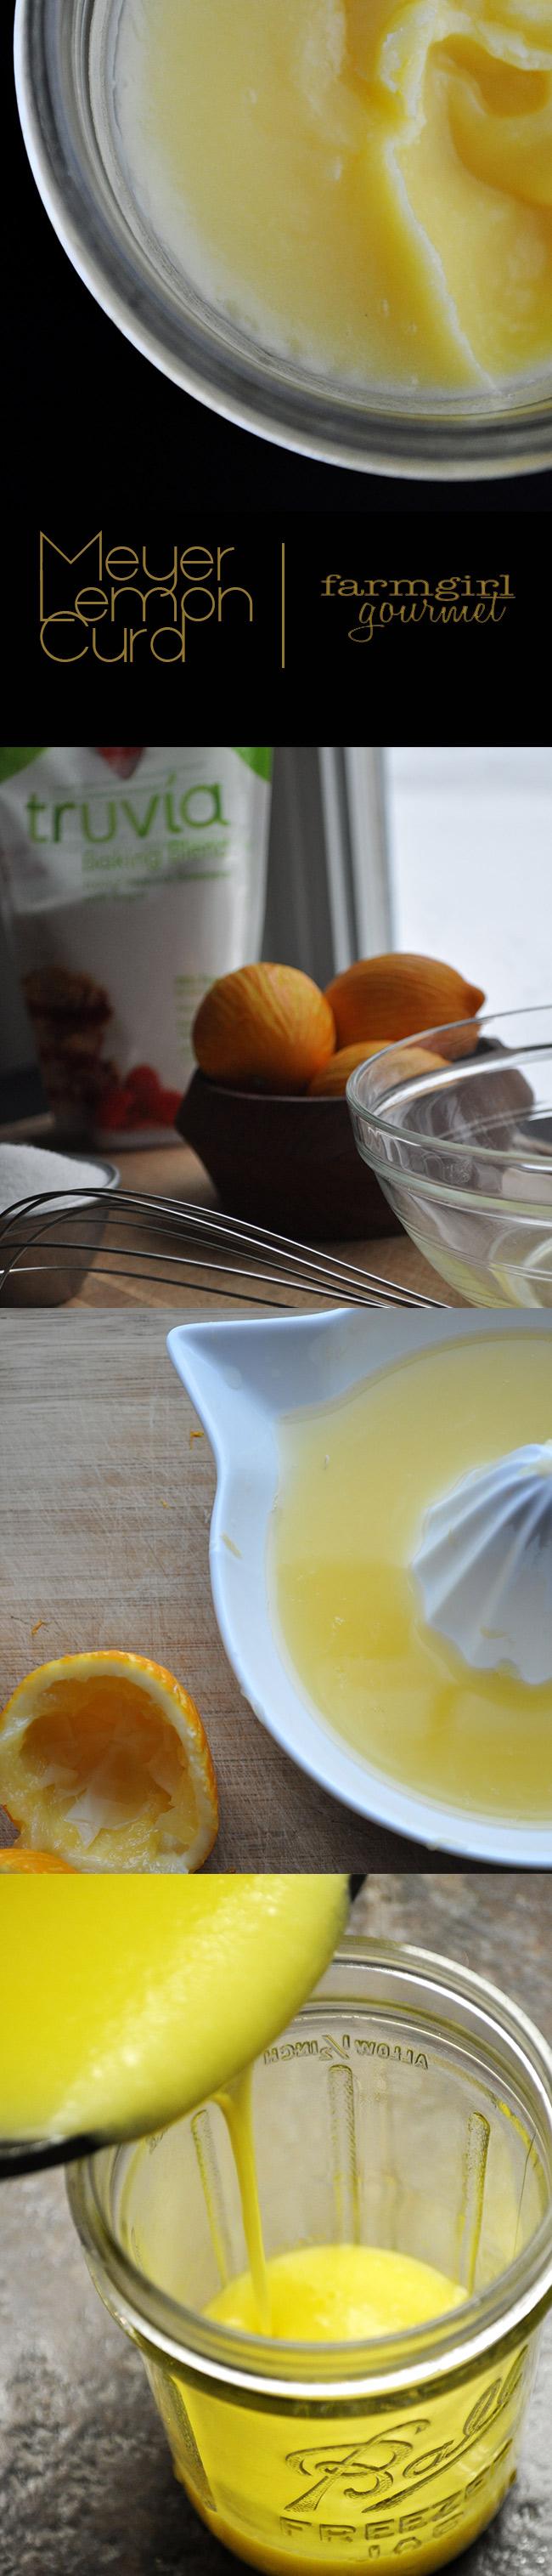 meyer-lemon-curd-2.jpg